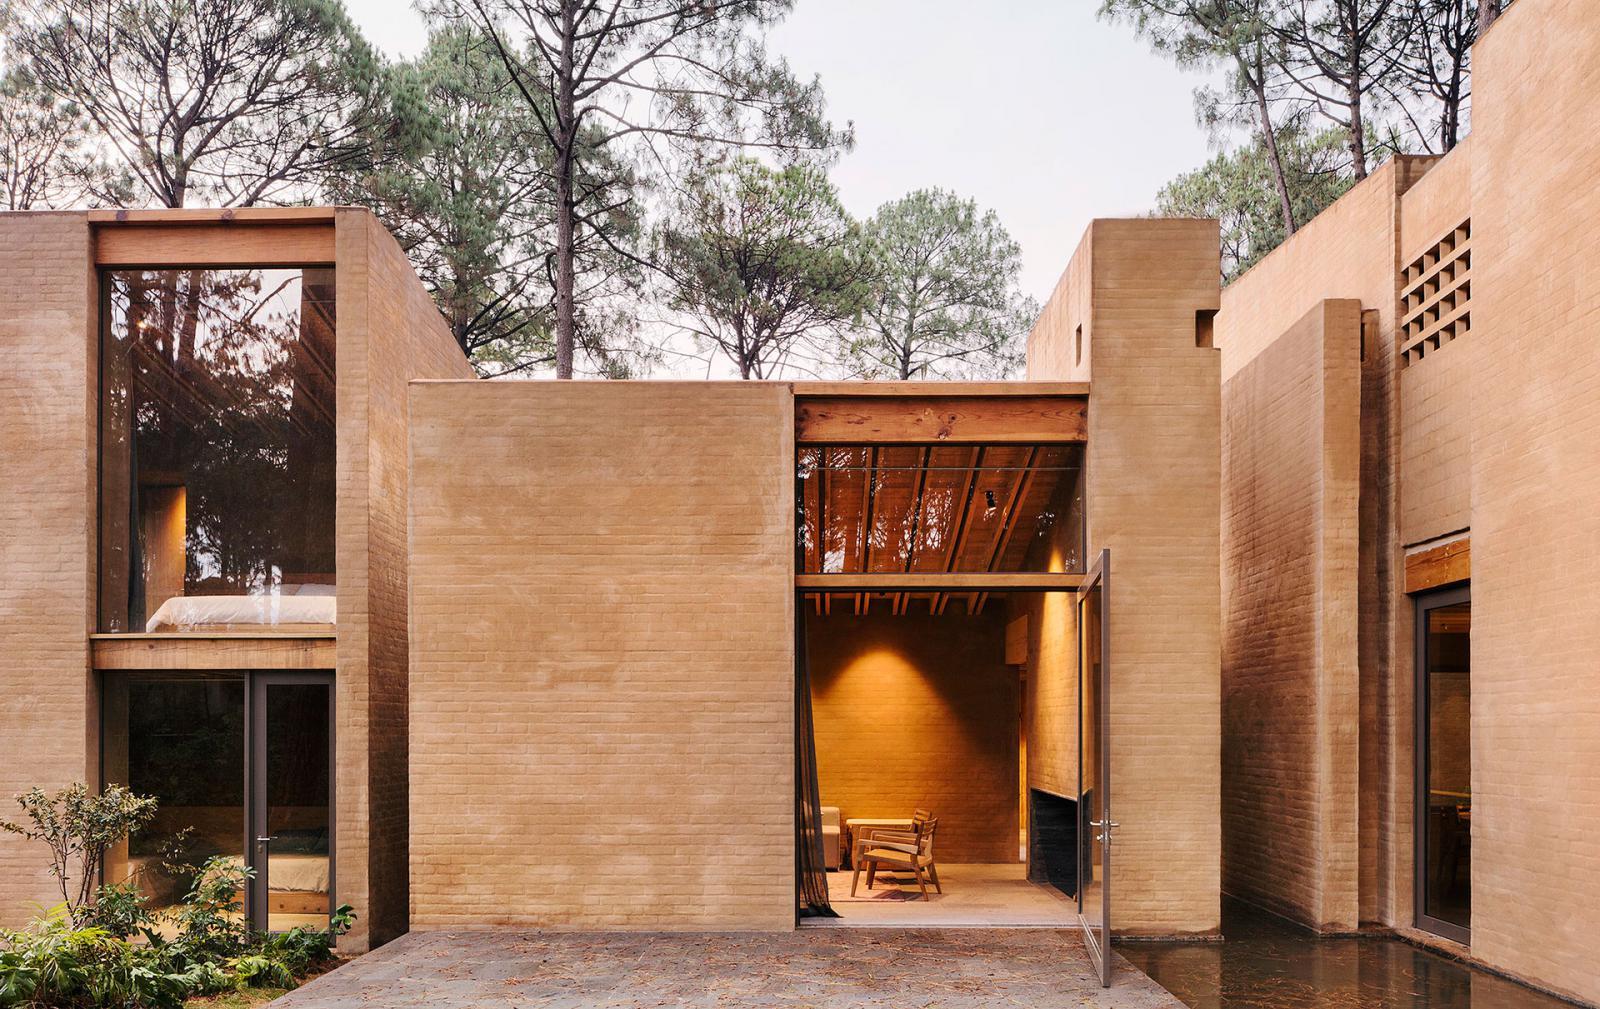 Taller Hector Barroso: пять домов в мексиканских соснах